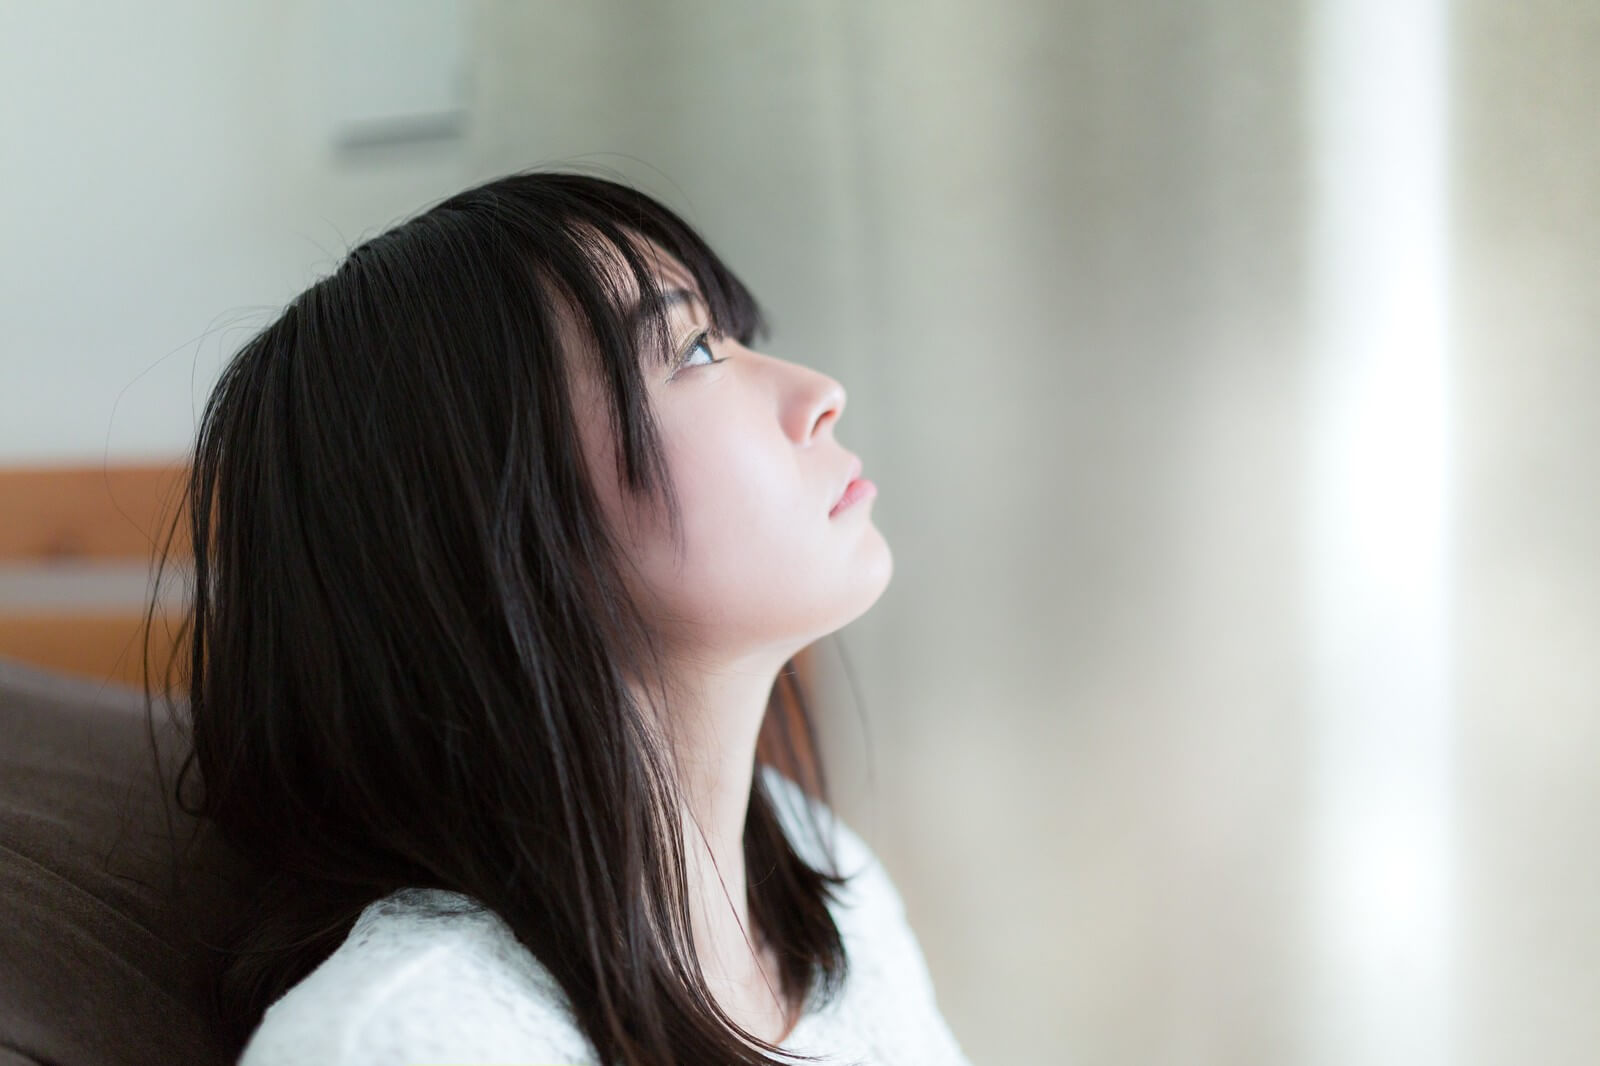 1人暮らしで上を見て考える女性